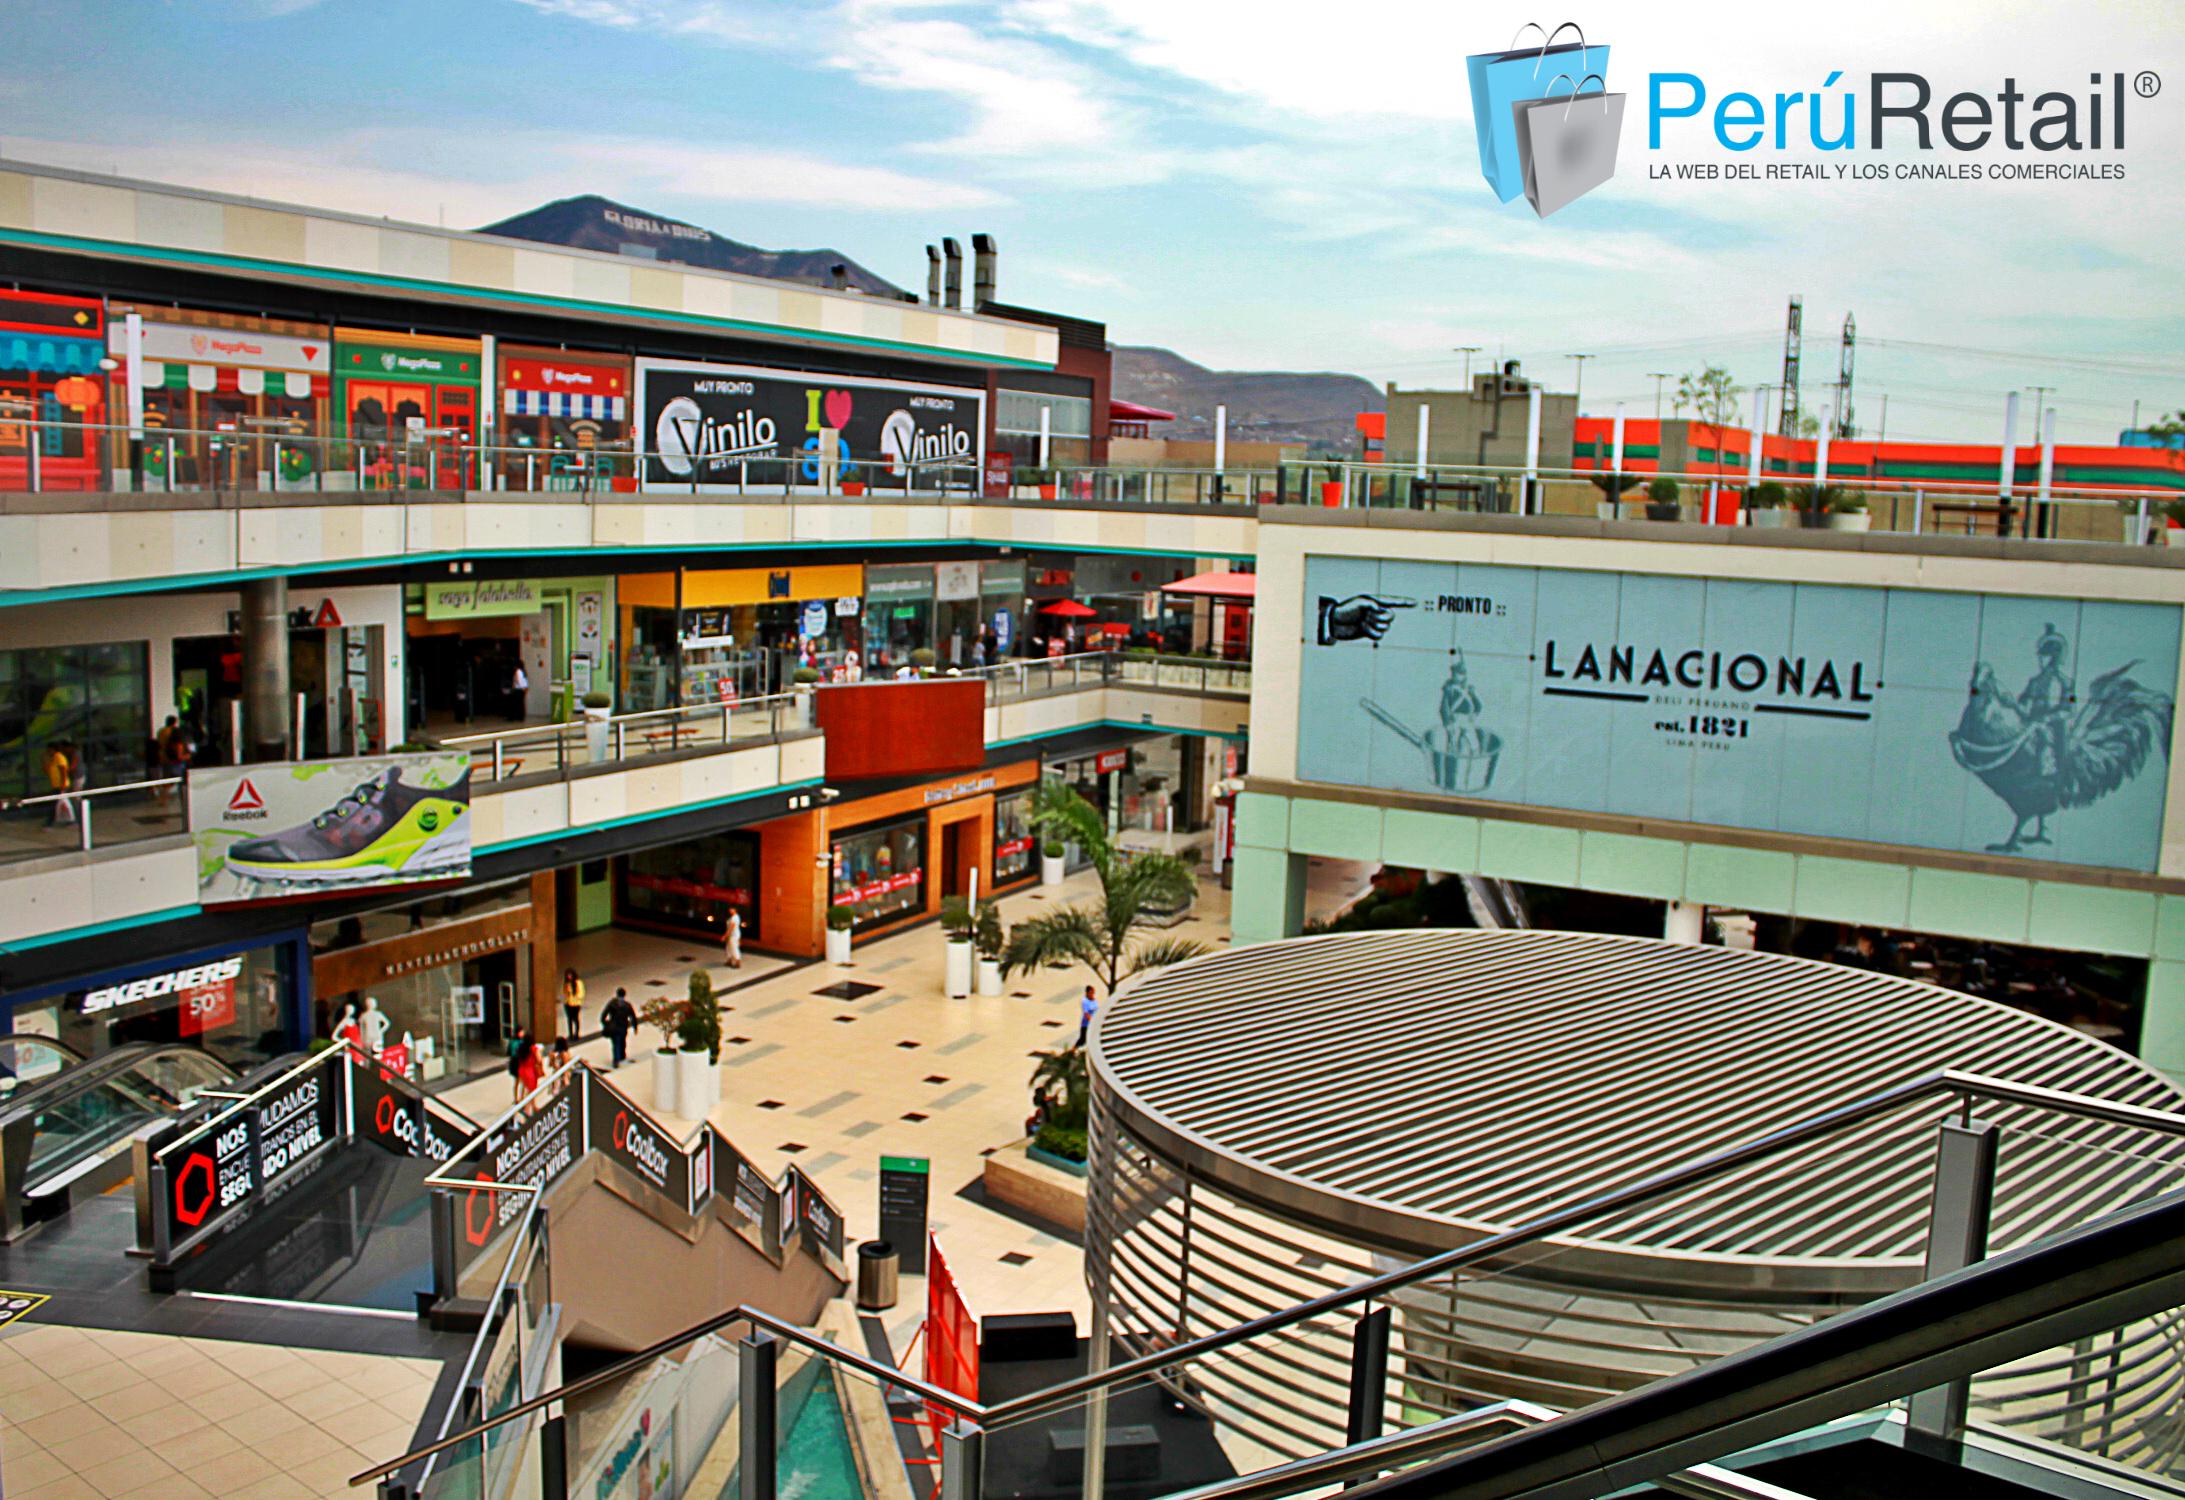 megaplaza 87 peru retail - Perú: Parque Arauco busca diversificar sus operaciones, tras compra de MegaPlaza